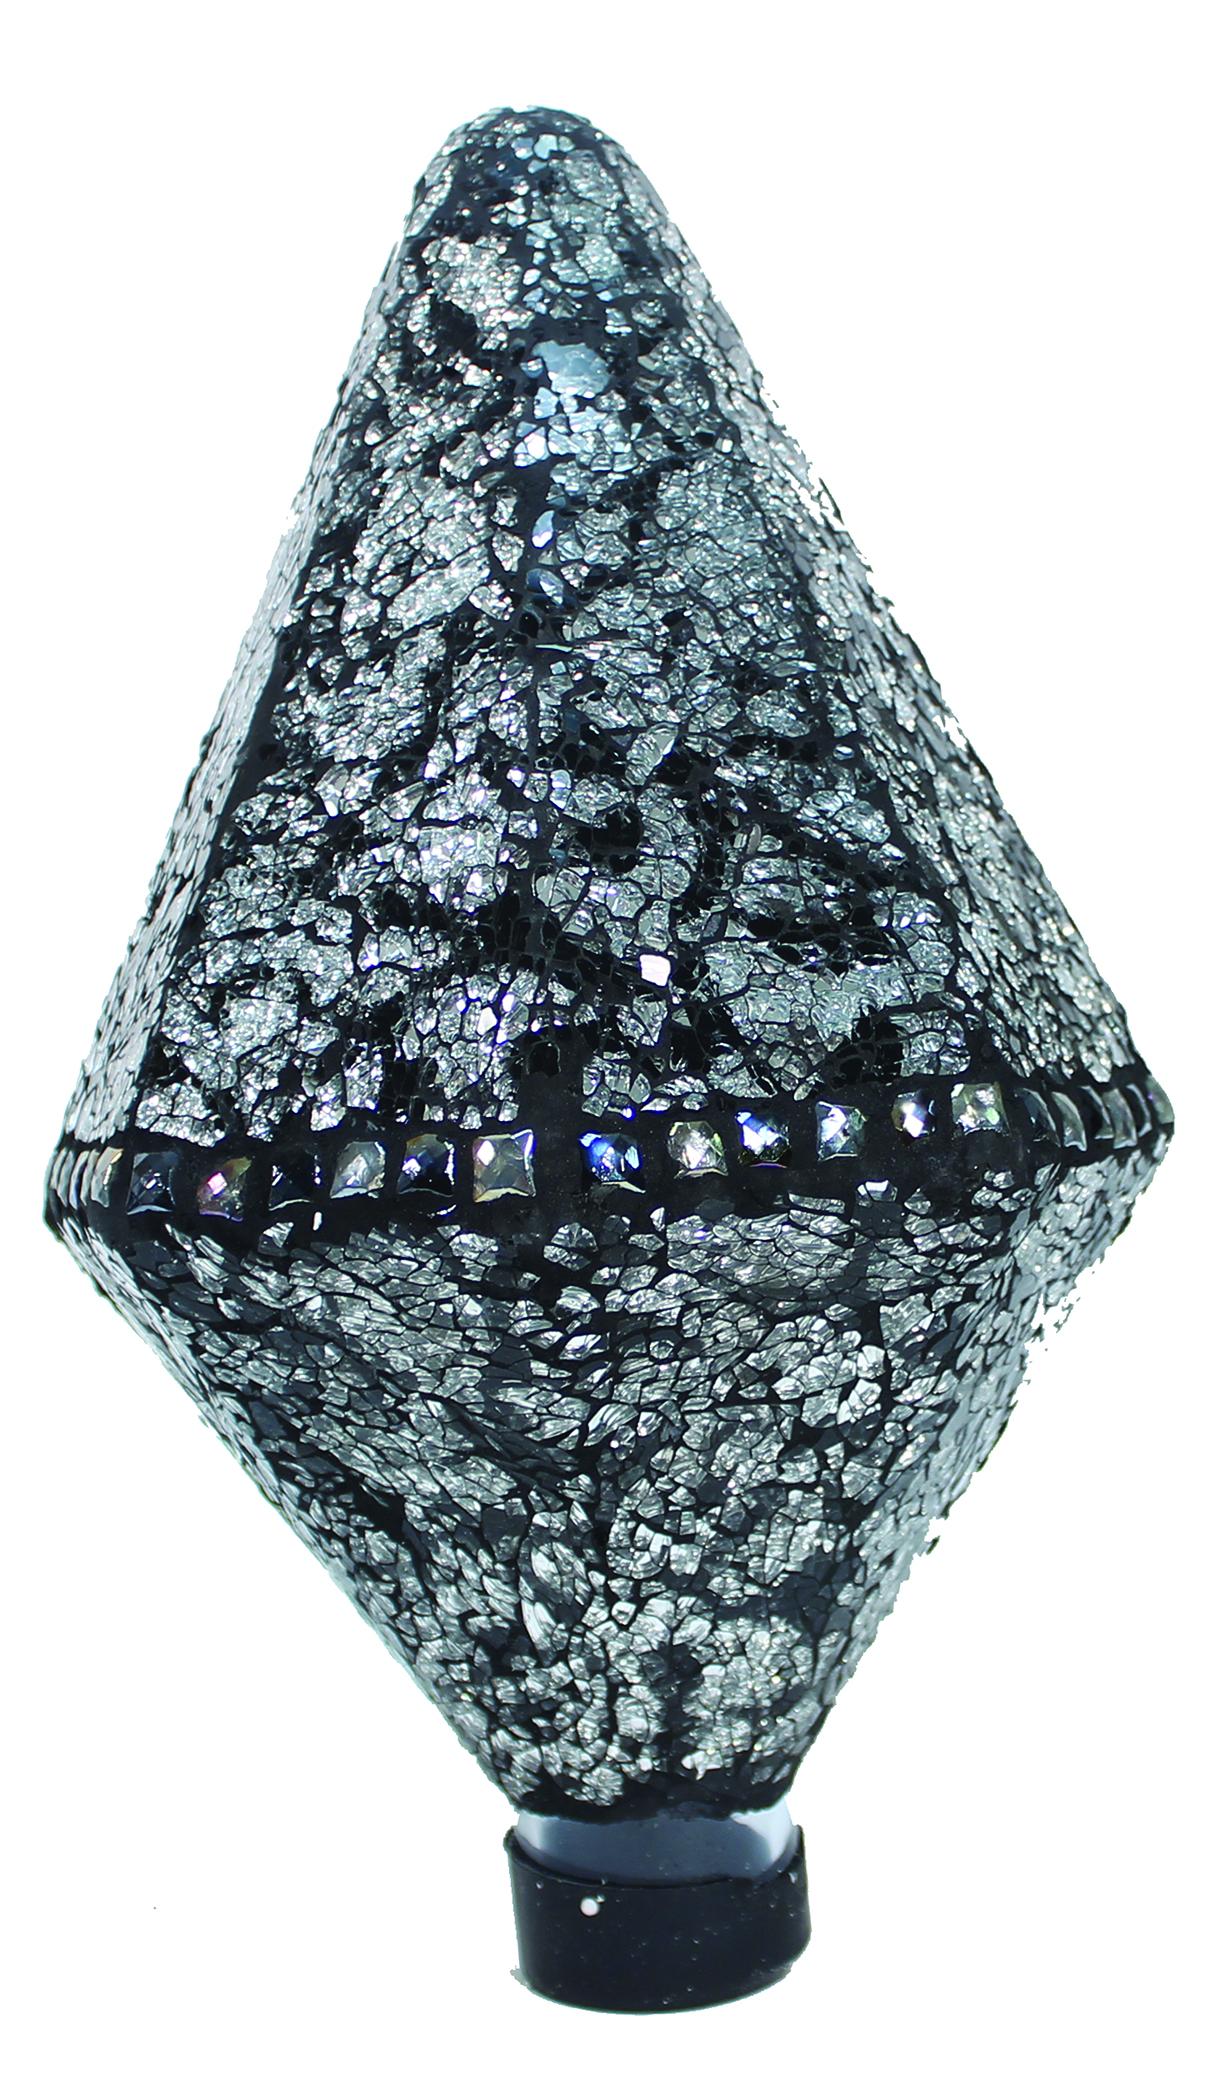 Mosaic Diamond Glass Gazing Globe